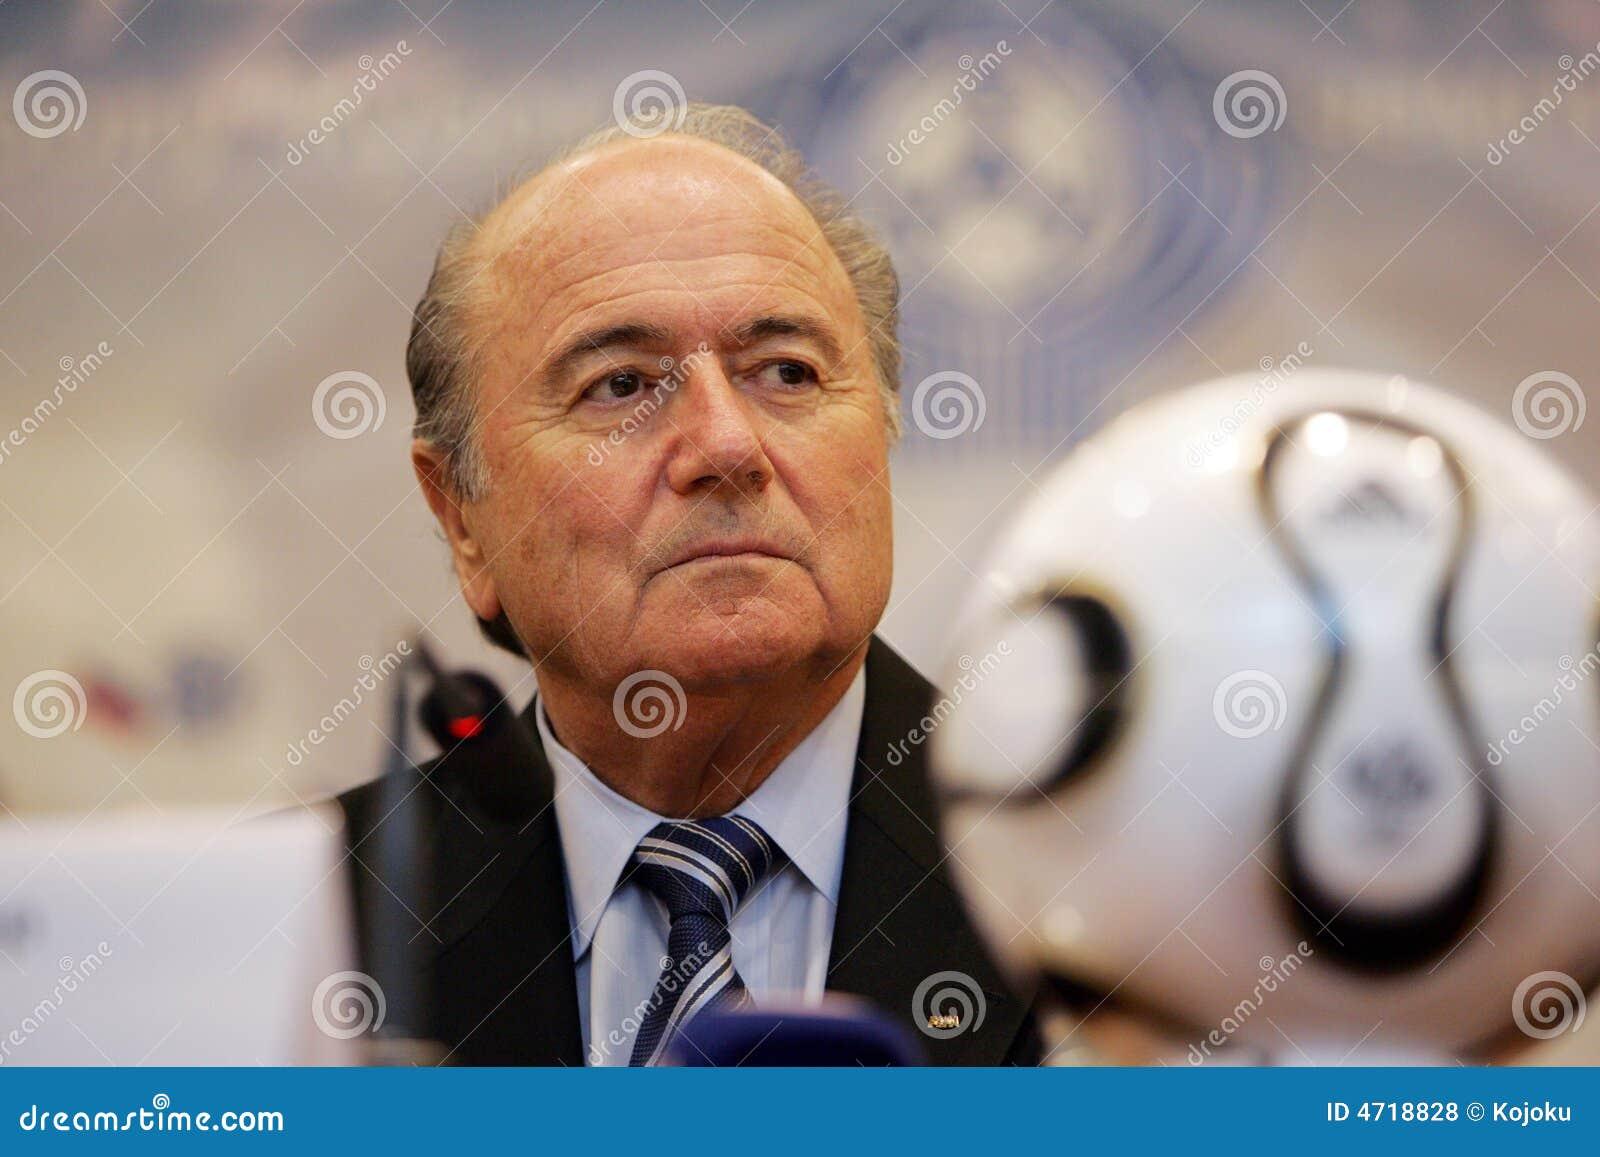 President of FIFA Joseph Blatter